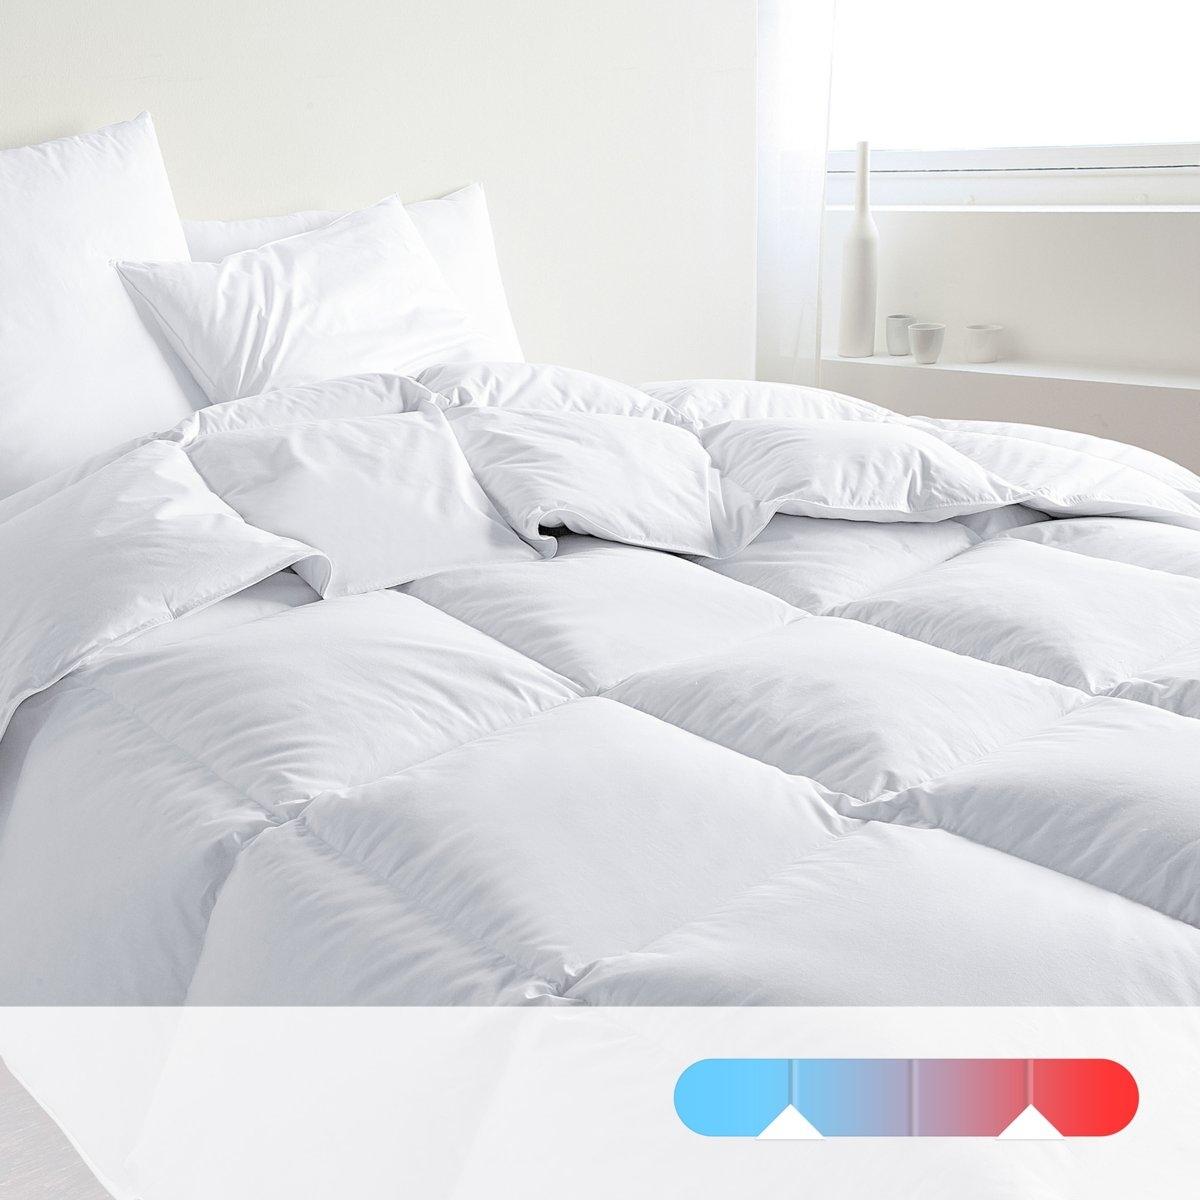 Двойное одеяло DODOДвойное одеяло DODO из натурального утиного пуха и перьев. Гарантия 100% комфорта! Наполнитель обработан Proneem® против клещей: натуральная обработка, эффективная даже после многих стирок. Одеяло 120 г/м? для лета, 1 одеяло 250 г/м? для межсезонья, оба одеяла соединяются завязками для зимы. Наполнитель: 50% утиного пуха, 50% перьев с обработкой Proneem® против клещей. Чехол: перкаль, 100% хлопка. Отделка белым кантом. Простежка квадратами. Стирка при 30°. Поставка в чехле.<br><br>Цвет: белый